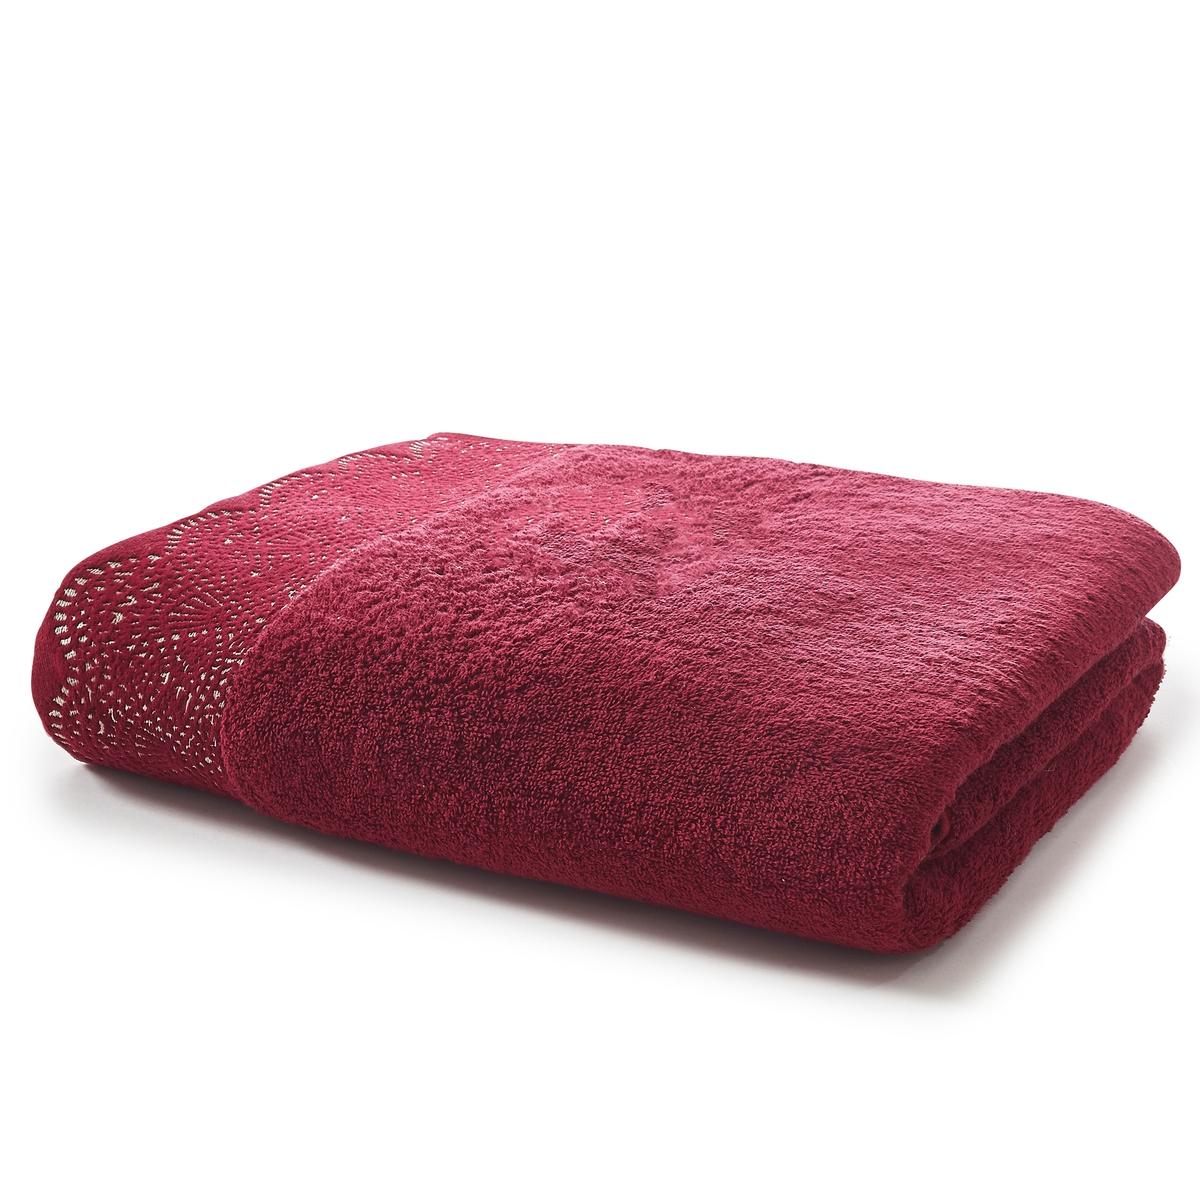 Полотенце банное из махровой ткани 500 г/м?, DENTELLEБанное полотенце из однотонной махровой ткани, украшенное жаккардом с эффектом кружева.Характеристики банного полотенца Dentelle :- Махровая ткань букле из 100% хлопка (500 г/м?).- Жаккардовая оттделка краев с эффектом кружева.- Машинная стирка при 60 °С.- Машинная сушка при умеренной температуре.- Замечательная износоустойчивость, сохраняет мягкость и яркость окраски после многочисленных стирок.- Размеры : 70 x 140 см.<br><br>Цвет: светло-синий,сливовый